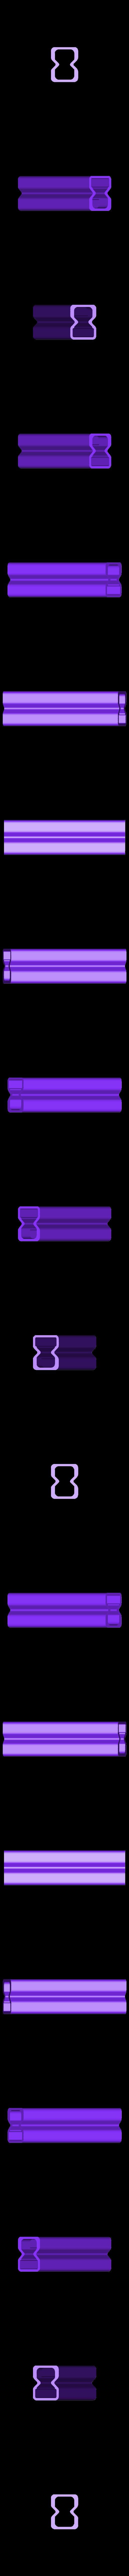 Tube_T3.stl Télécharger fichier STL gratuit Hyperprisme triangulaire. • Objet pour imprimante 3D, SiberK